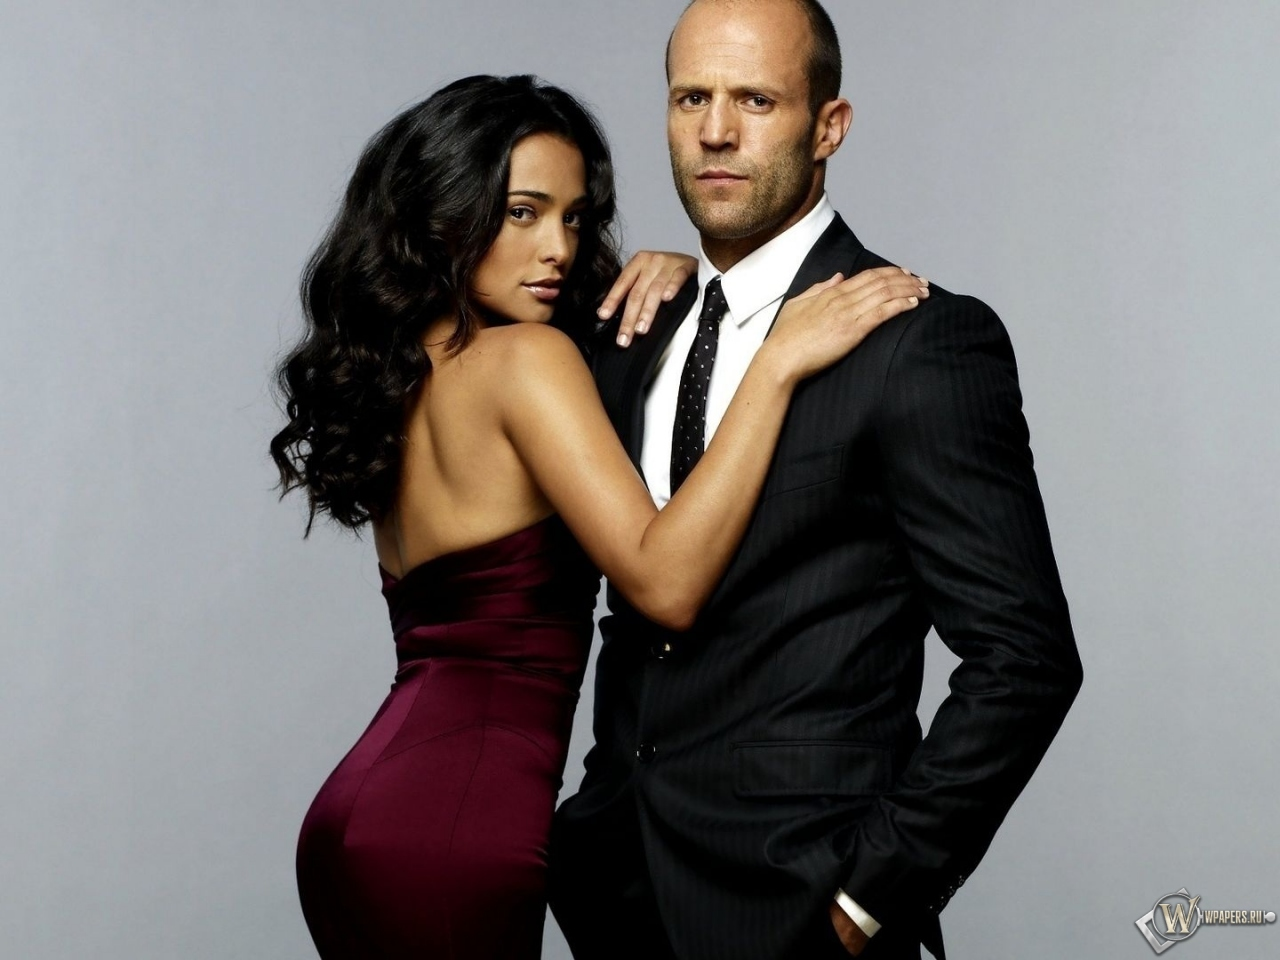 Фото лысого мужчины с девушкой